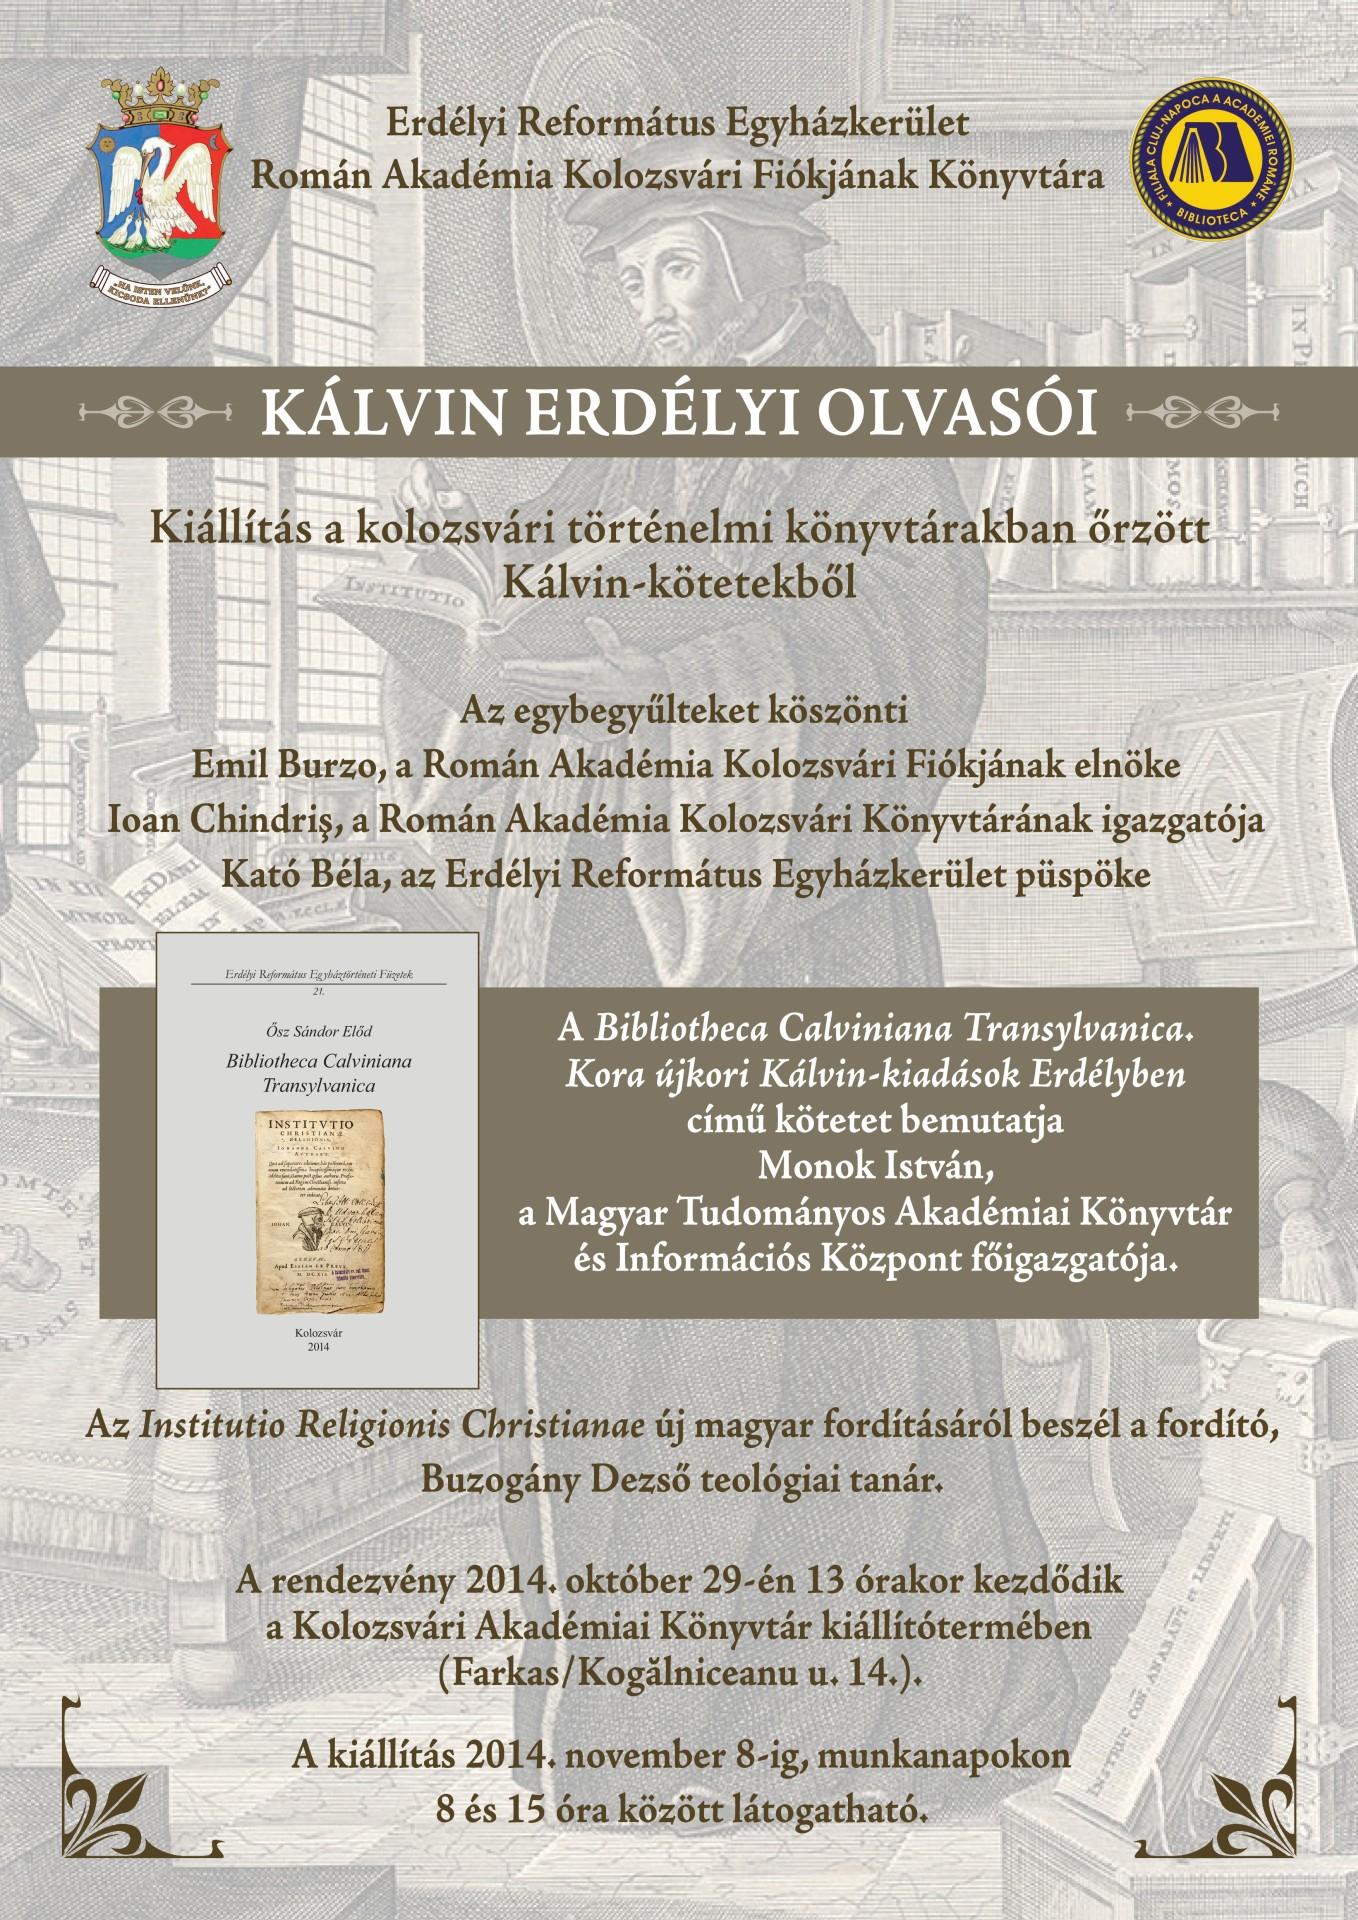 Meghívó - Kálvin erdélyi olvasói